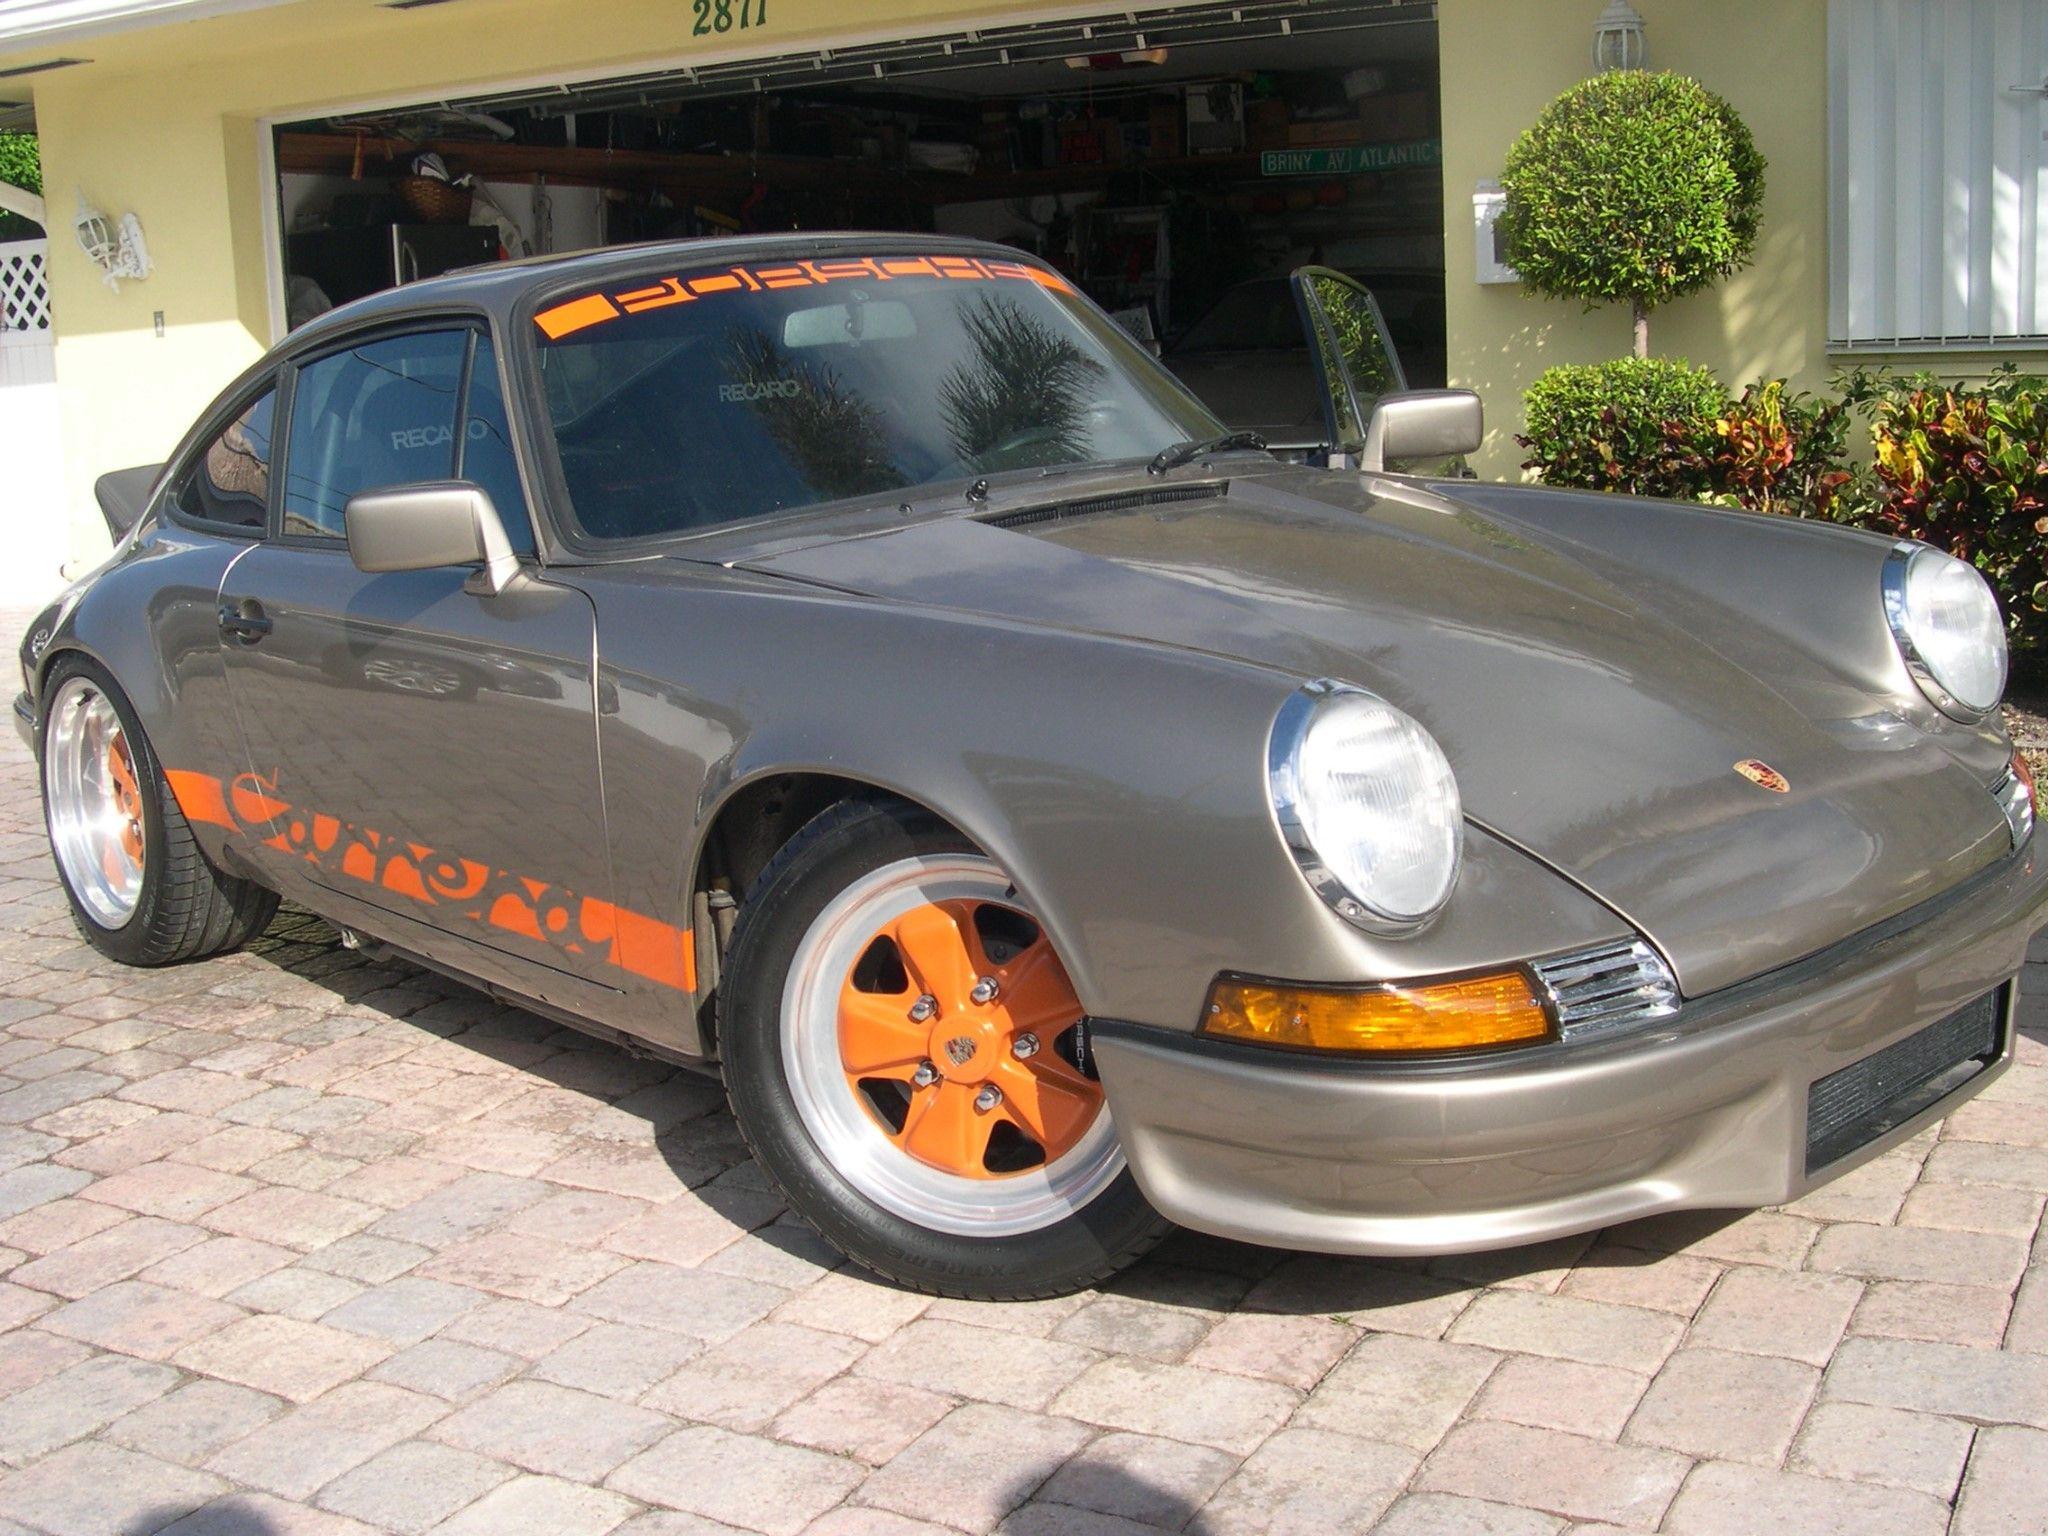 3.6L 1982 Porsche 911SC Hot Rod for sale on BaT Auctions - ending ...